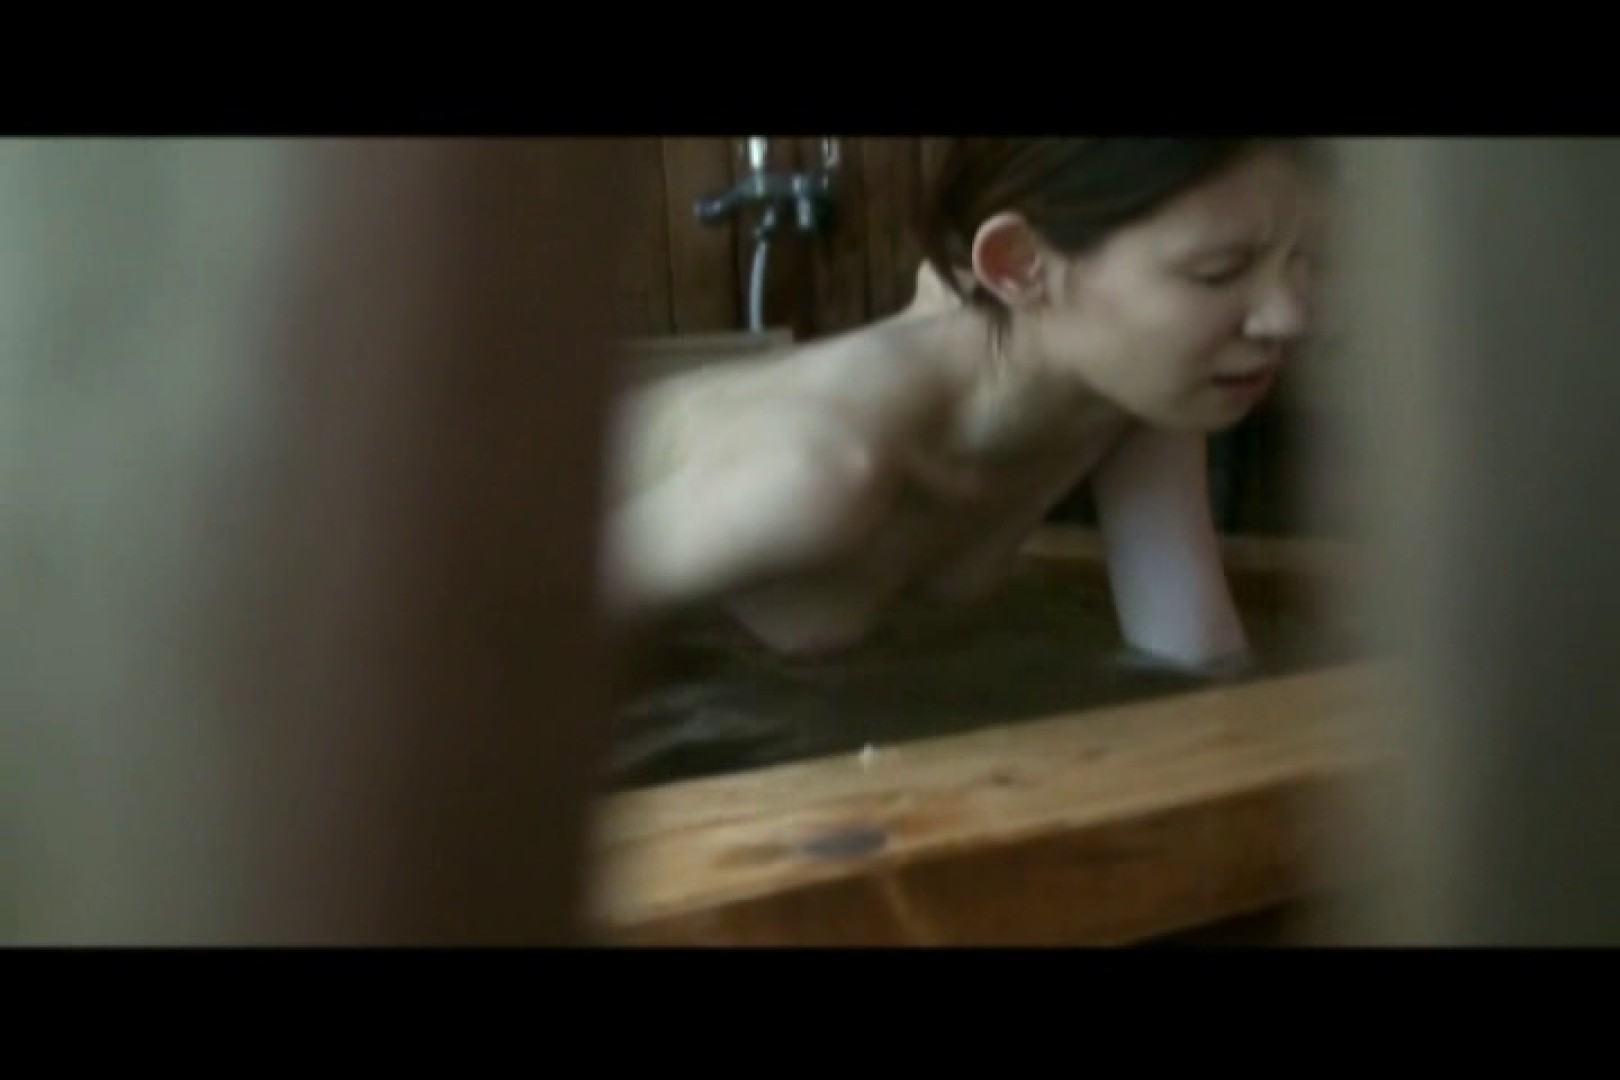 貸切露天 発情カップル! vol.02 潜伏露天風呂 のぞきおめこ無修正画像 90pic 17